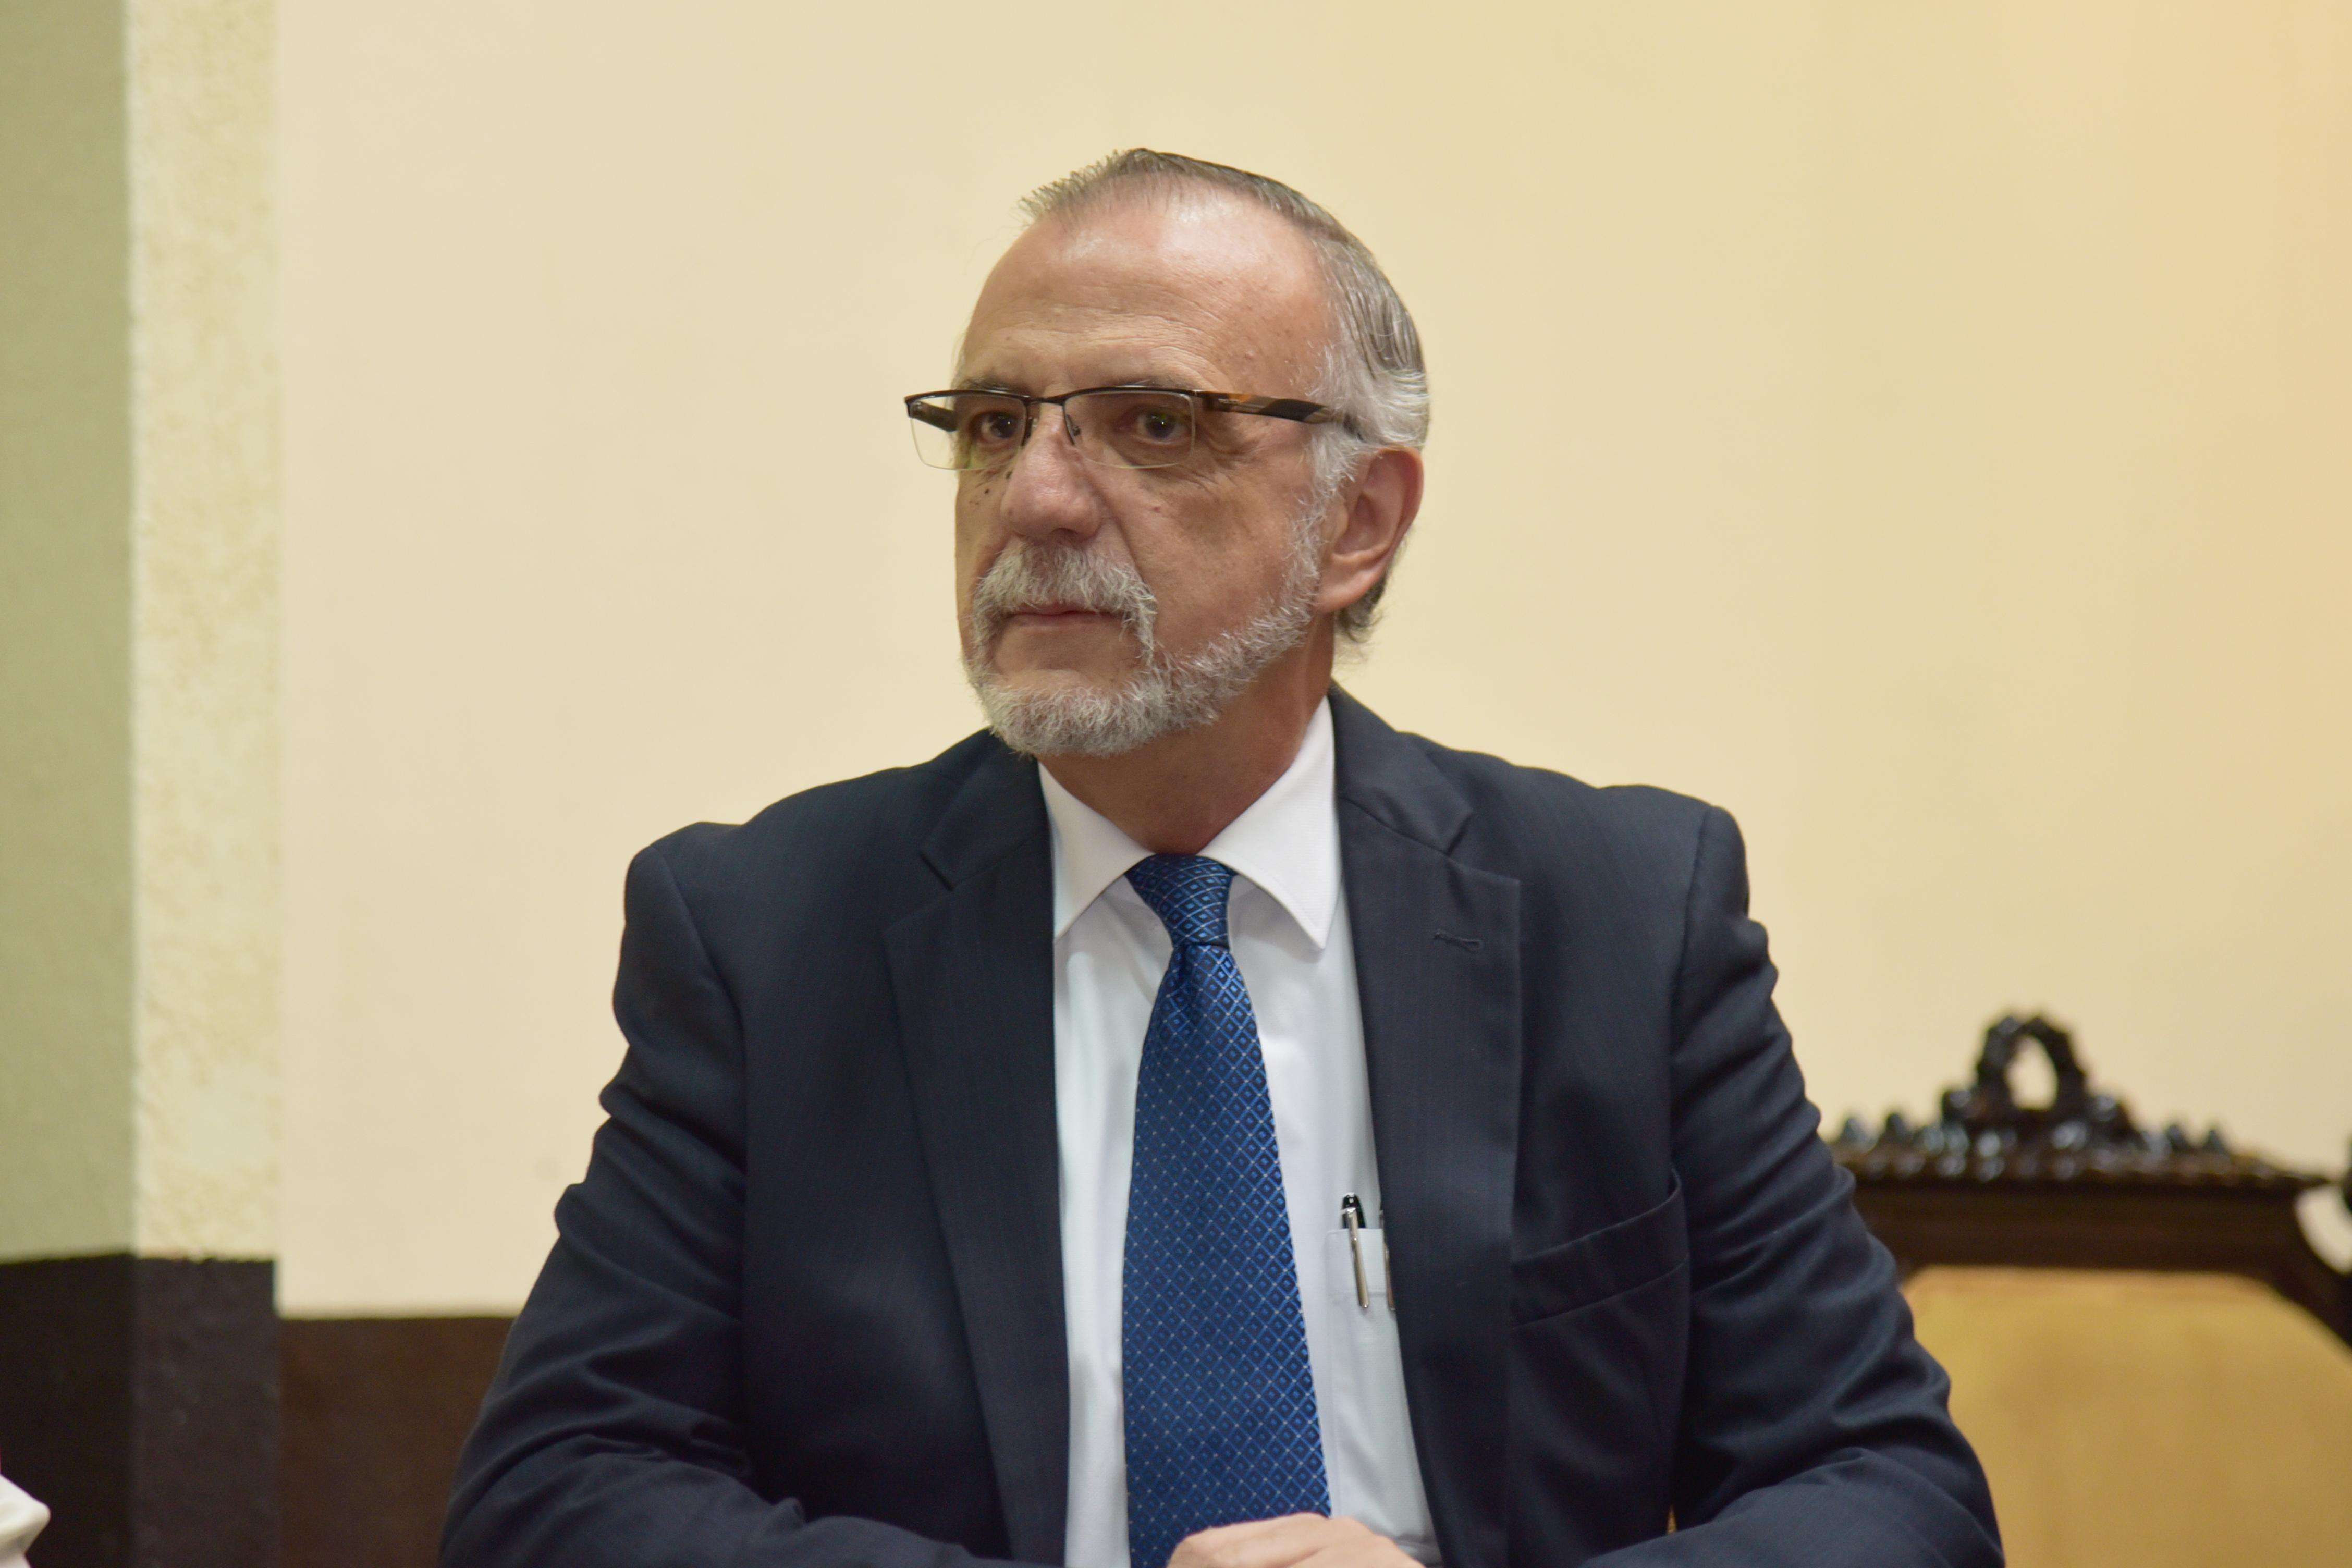 Guatemala Constitutional Court orders return of UN investigator